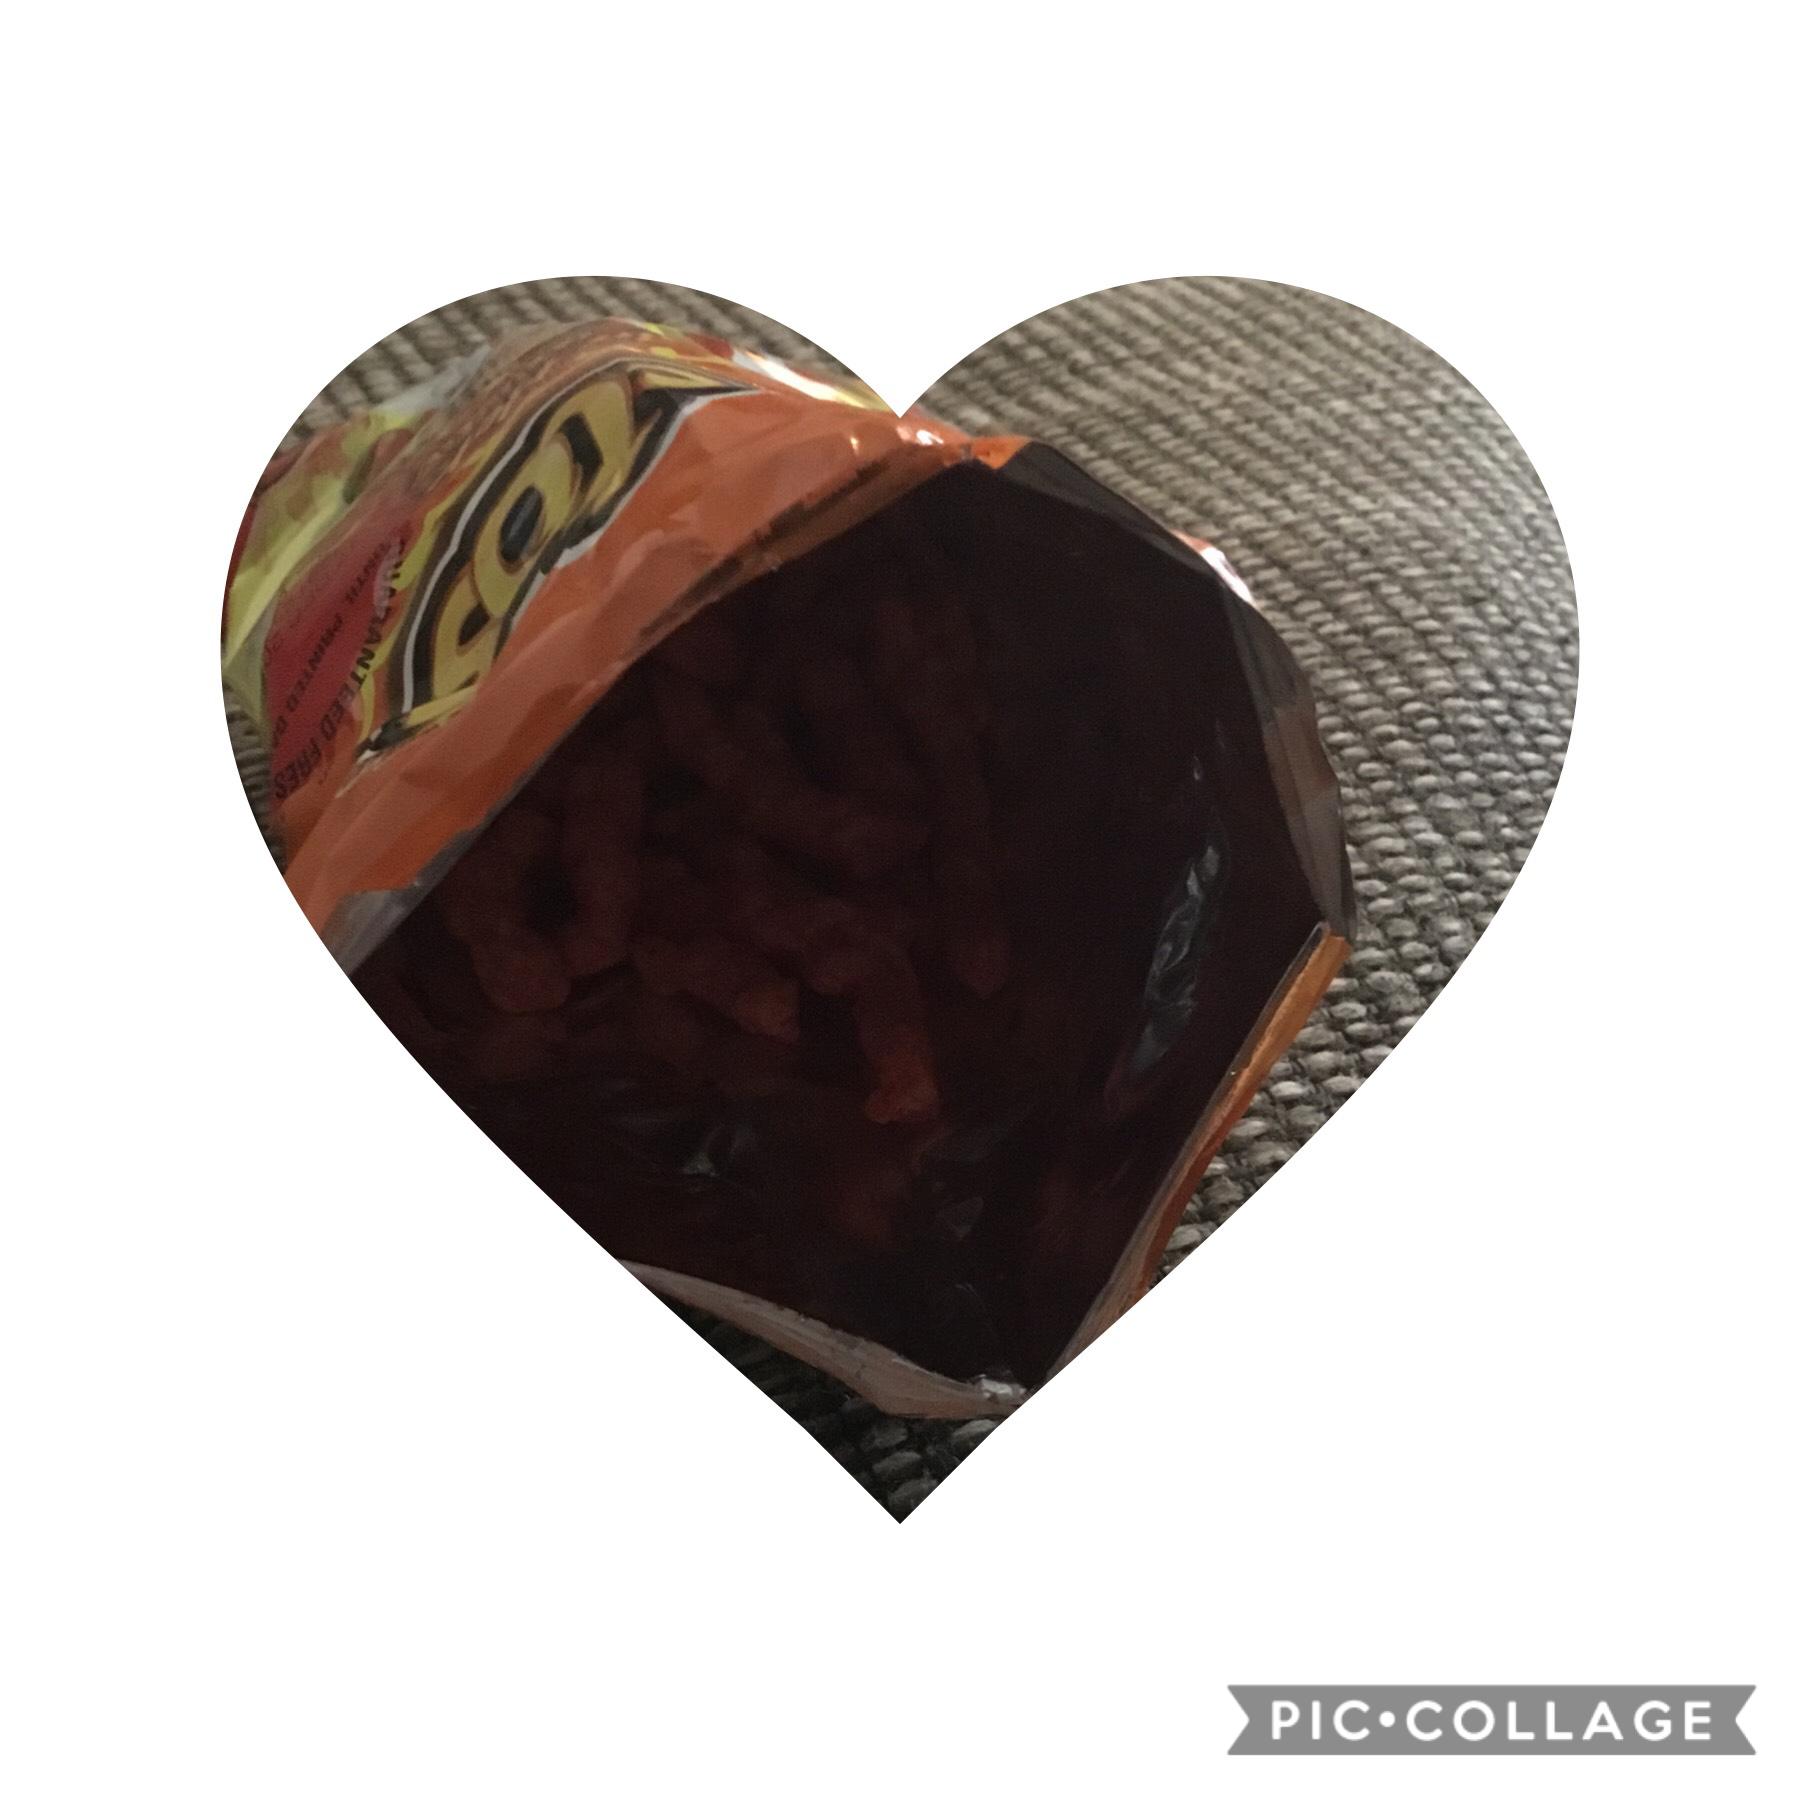 Cheetos flamin hot